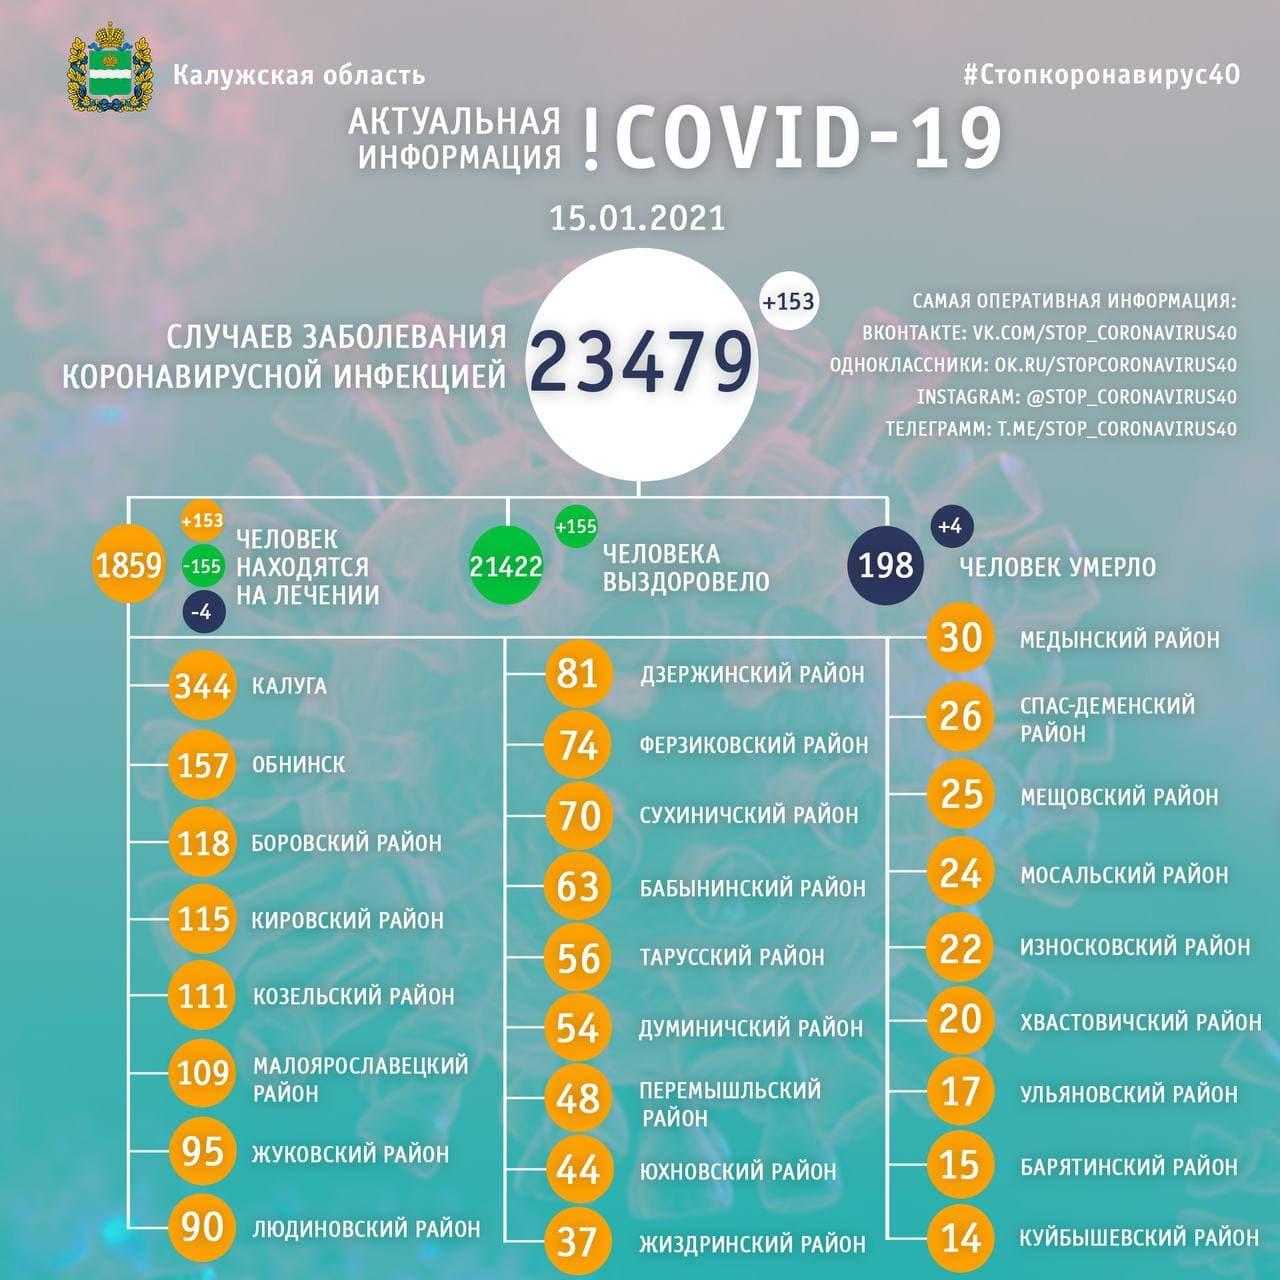 Официальная статистика по коронавирусу в Калужской области на 15 января 2021 года.